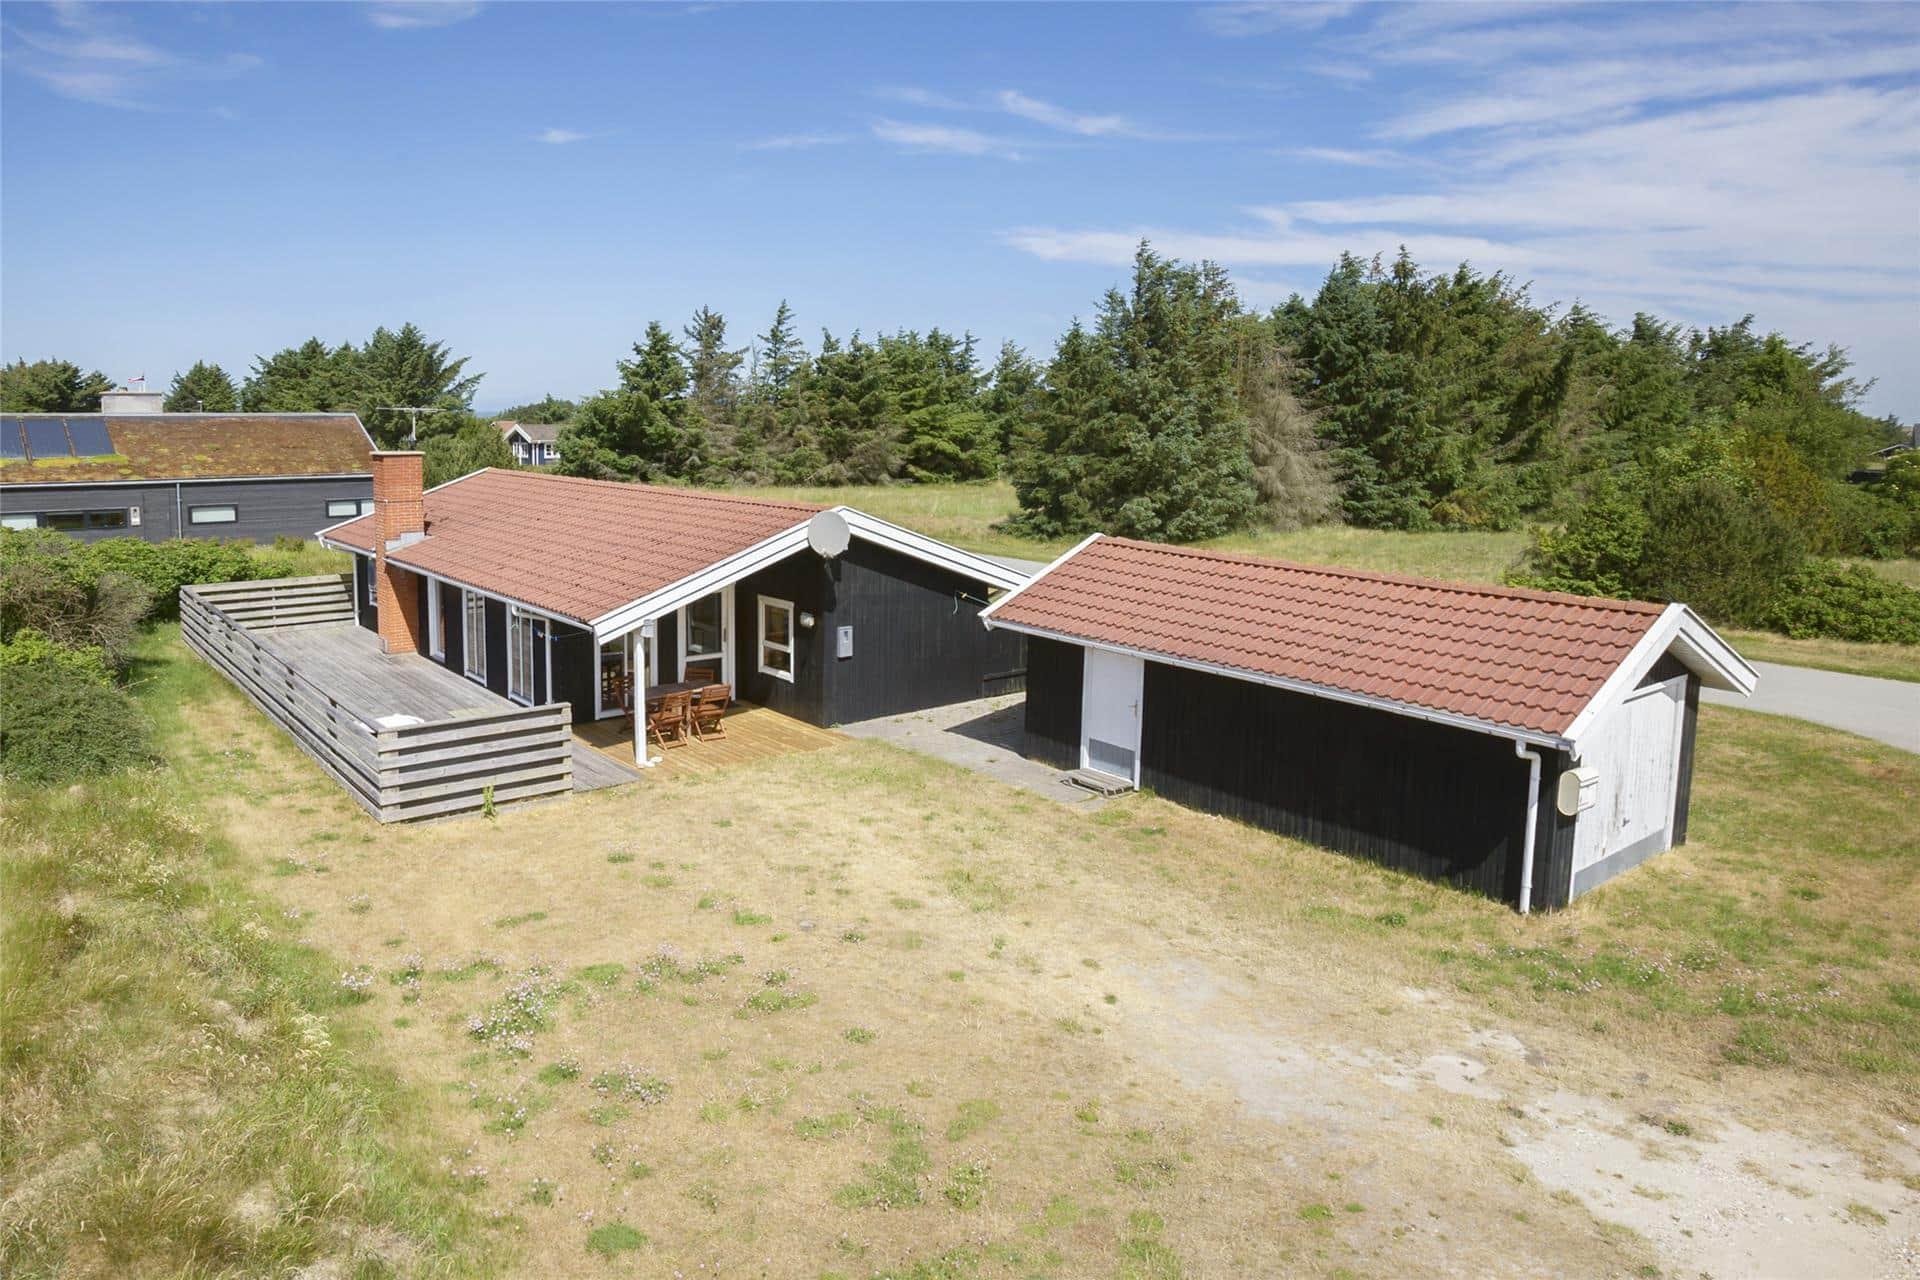 Billede 1-13 Sommerhus 318, Nordsøvej 204, DK - 7700 Thisted